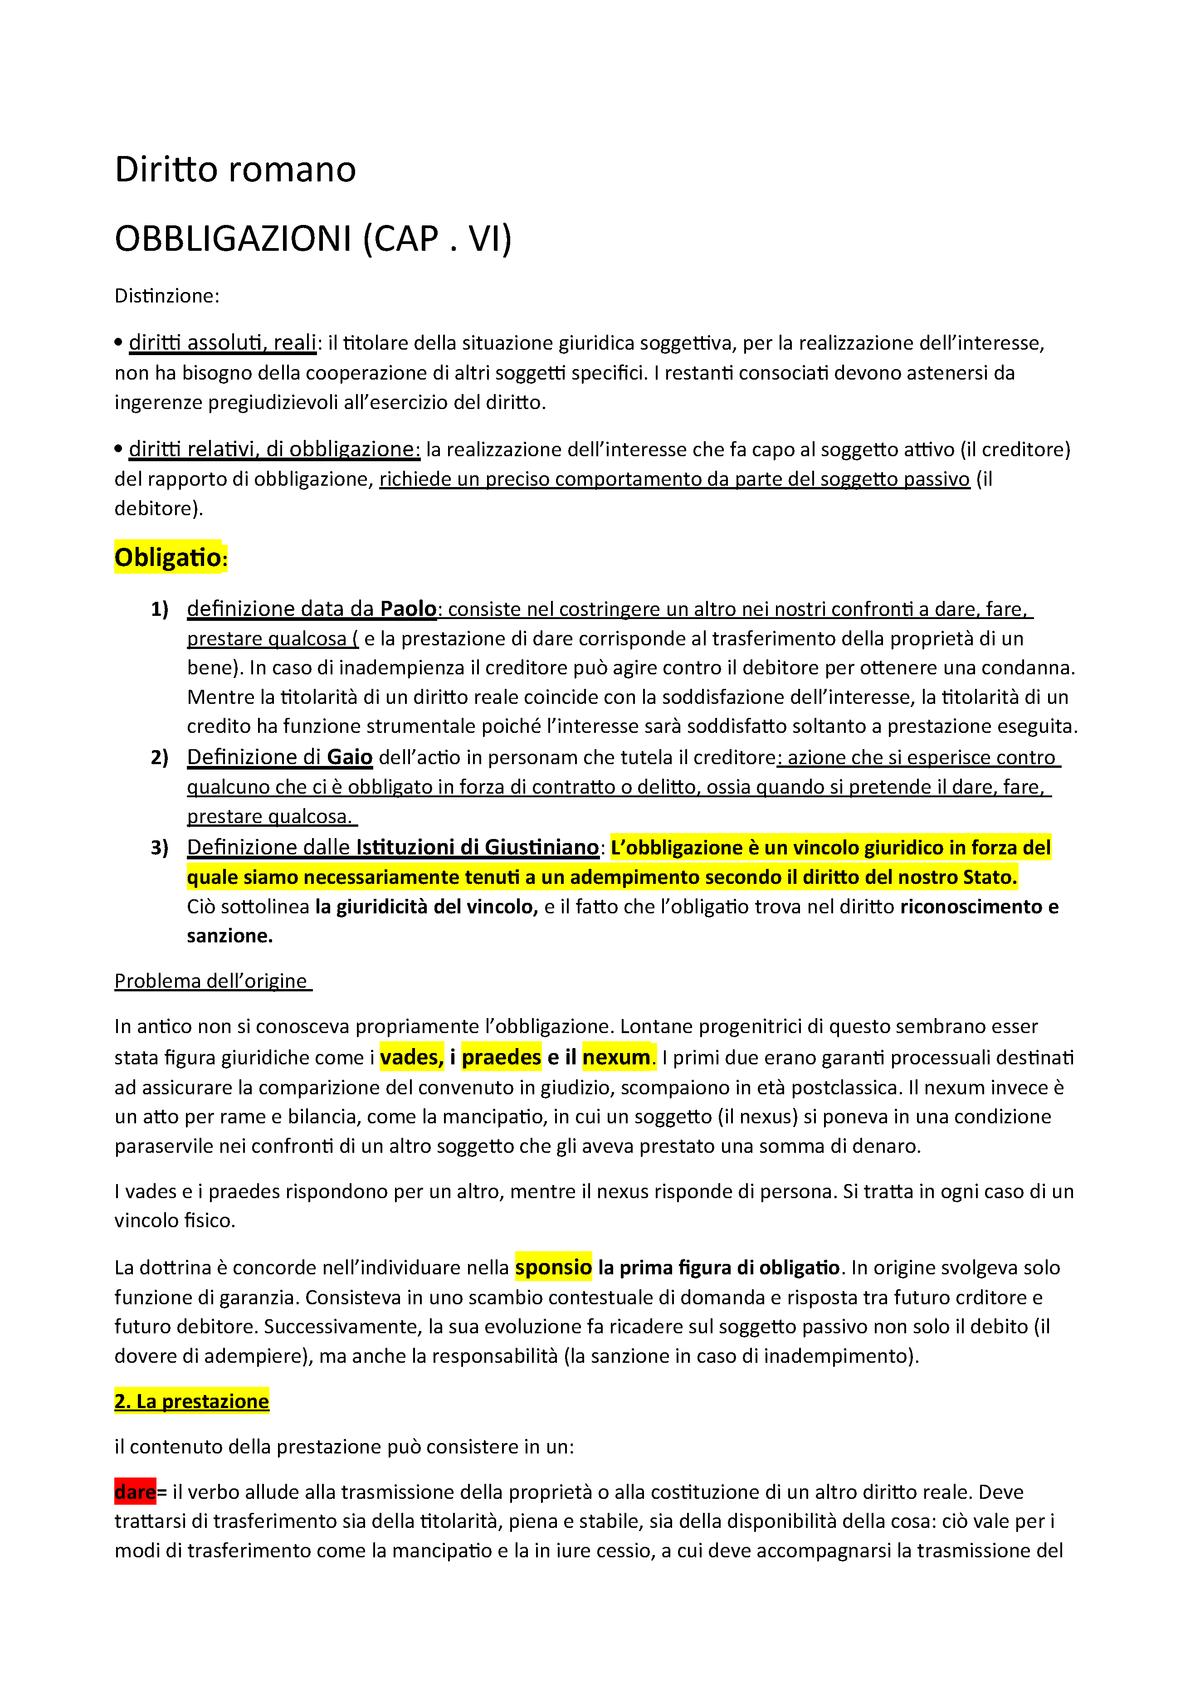 Diritto romano da obbligazioni a delitti - MN2-00536 - StuDocu